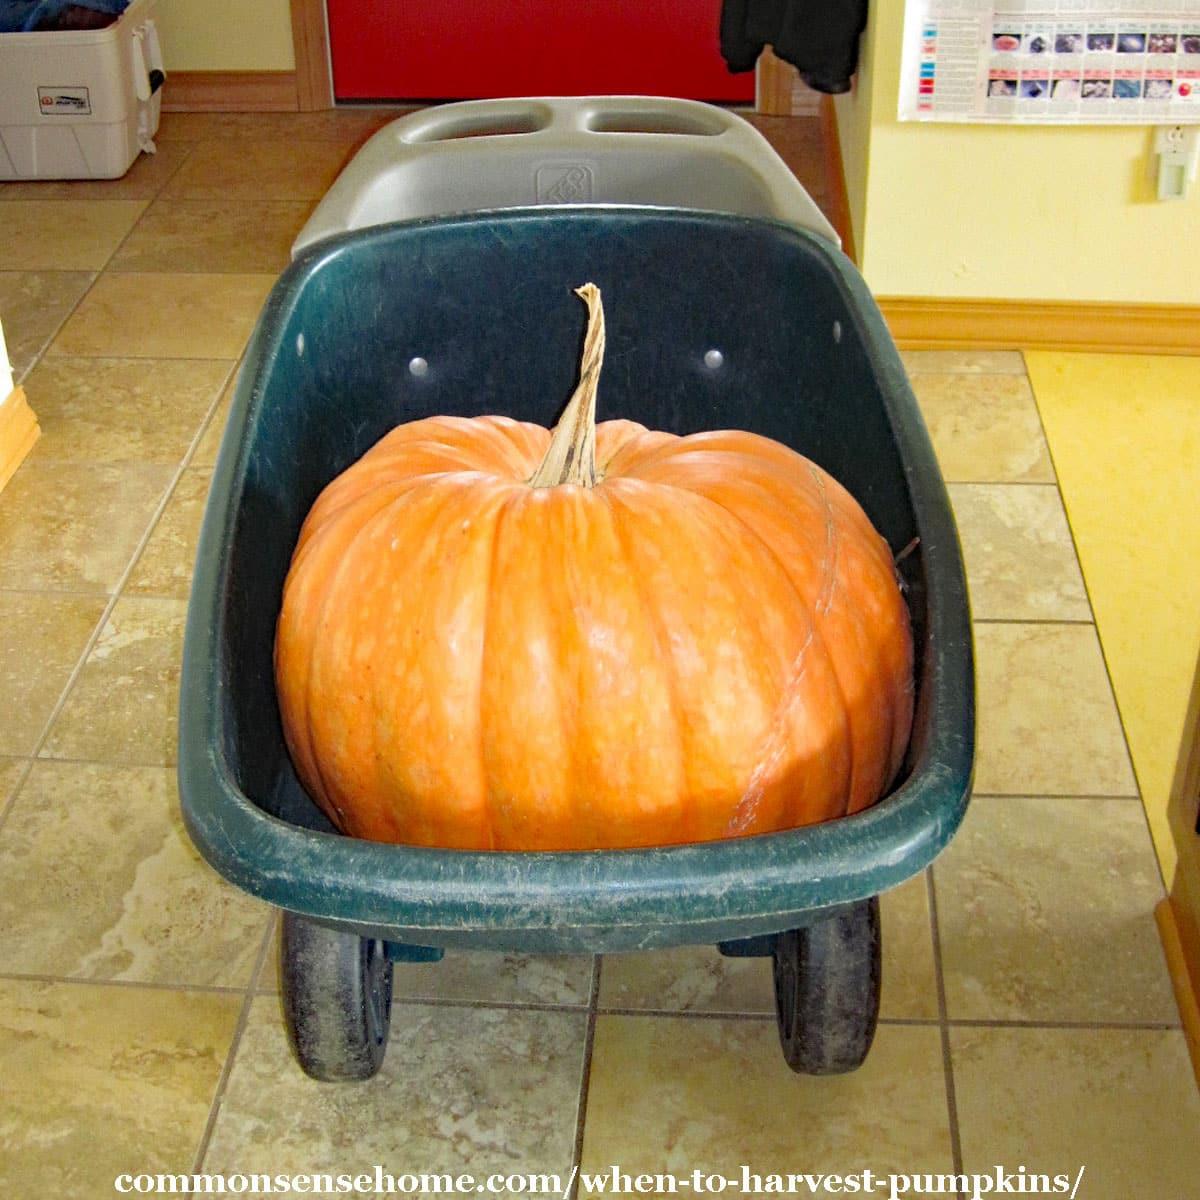 large pumpkin in yard cart